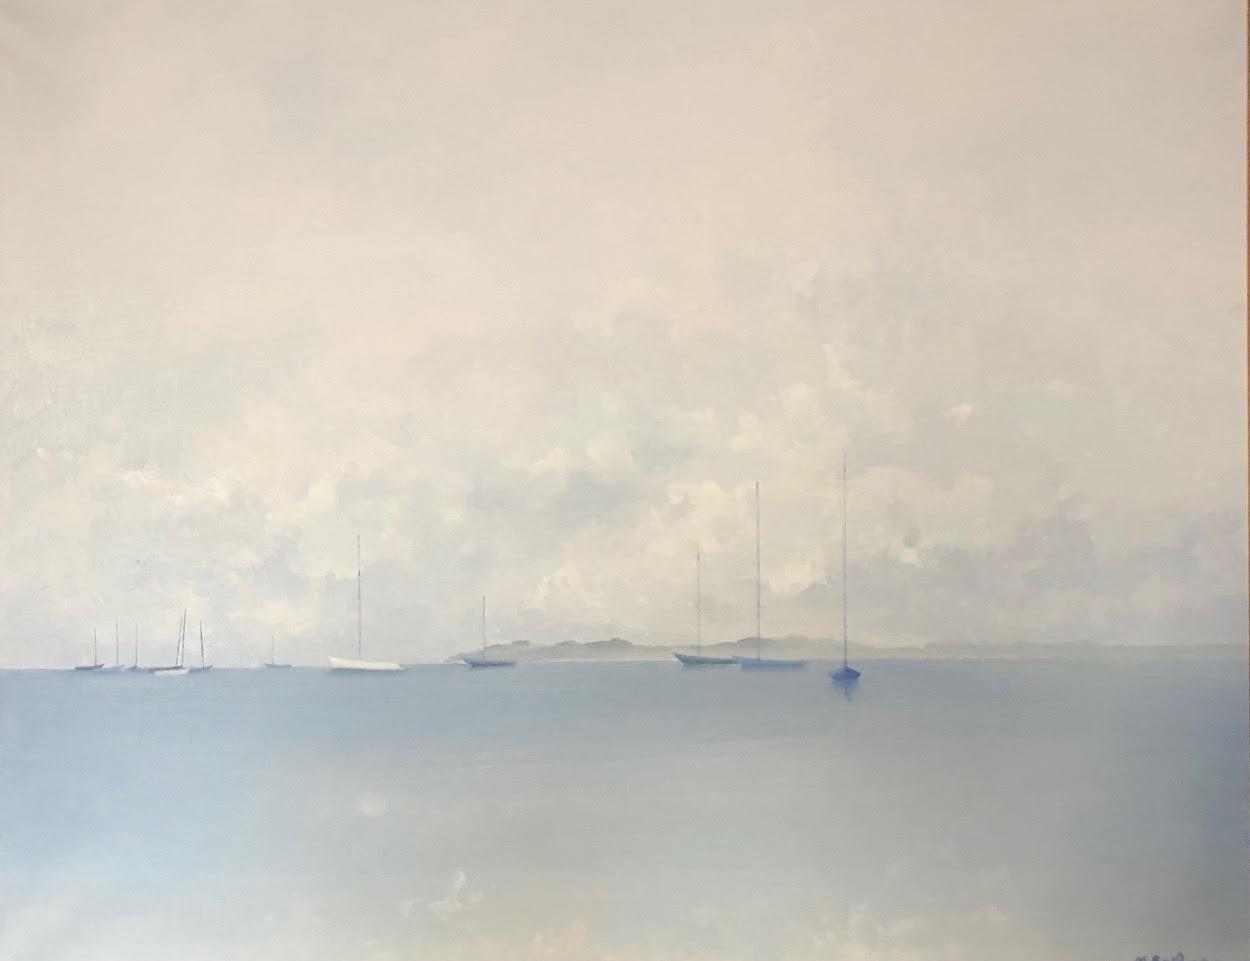 Blue sailboats at Port-Blanc